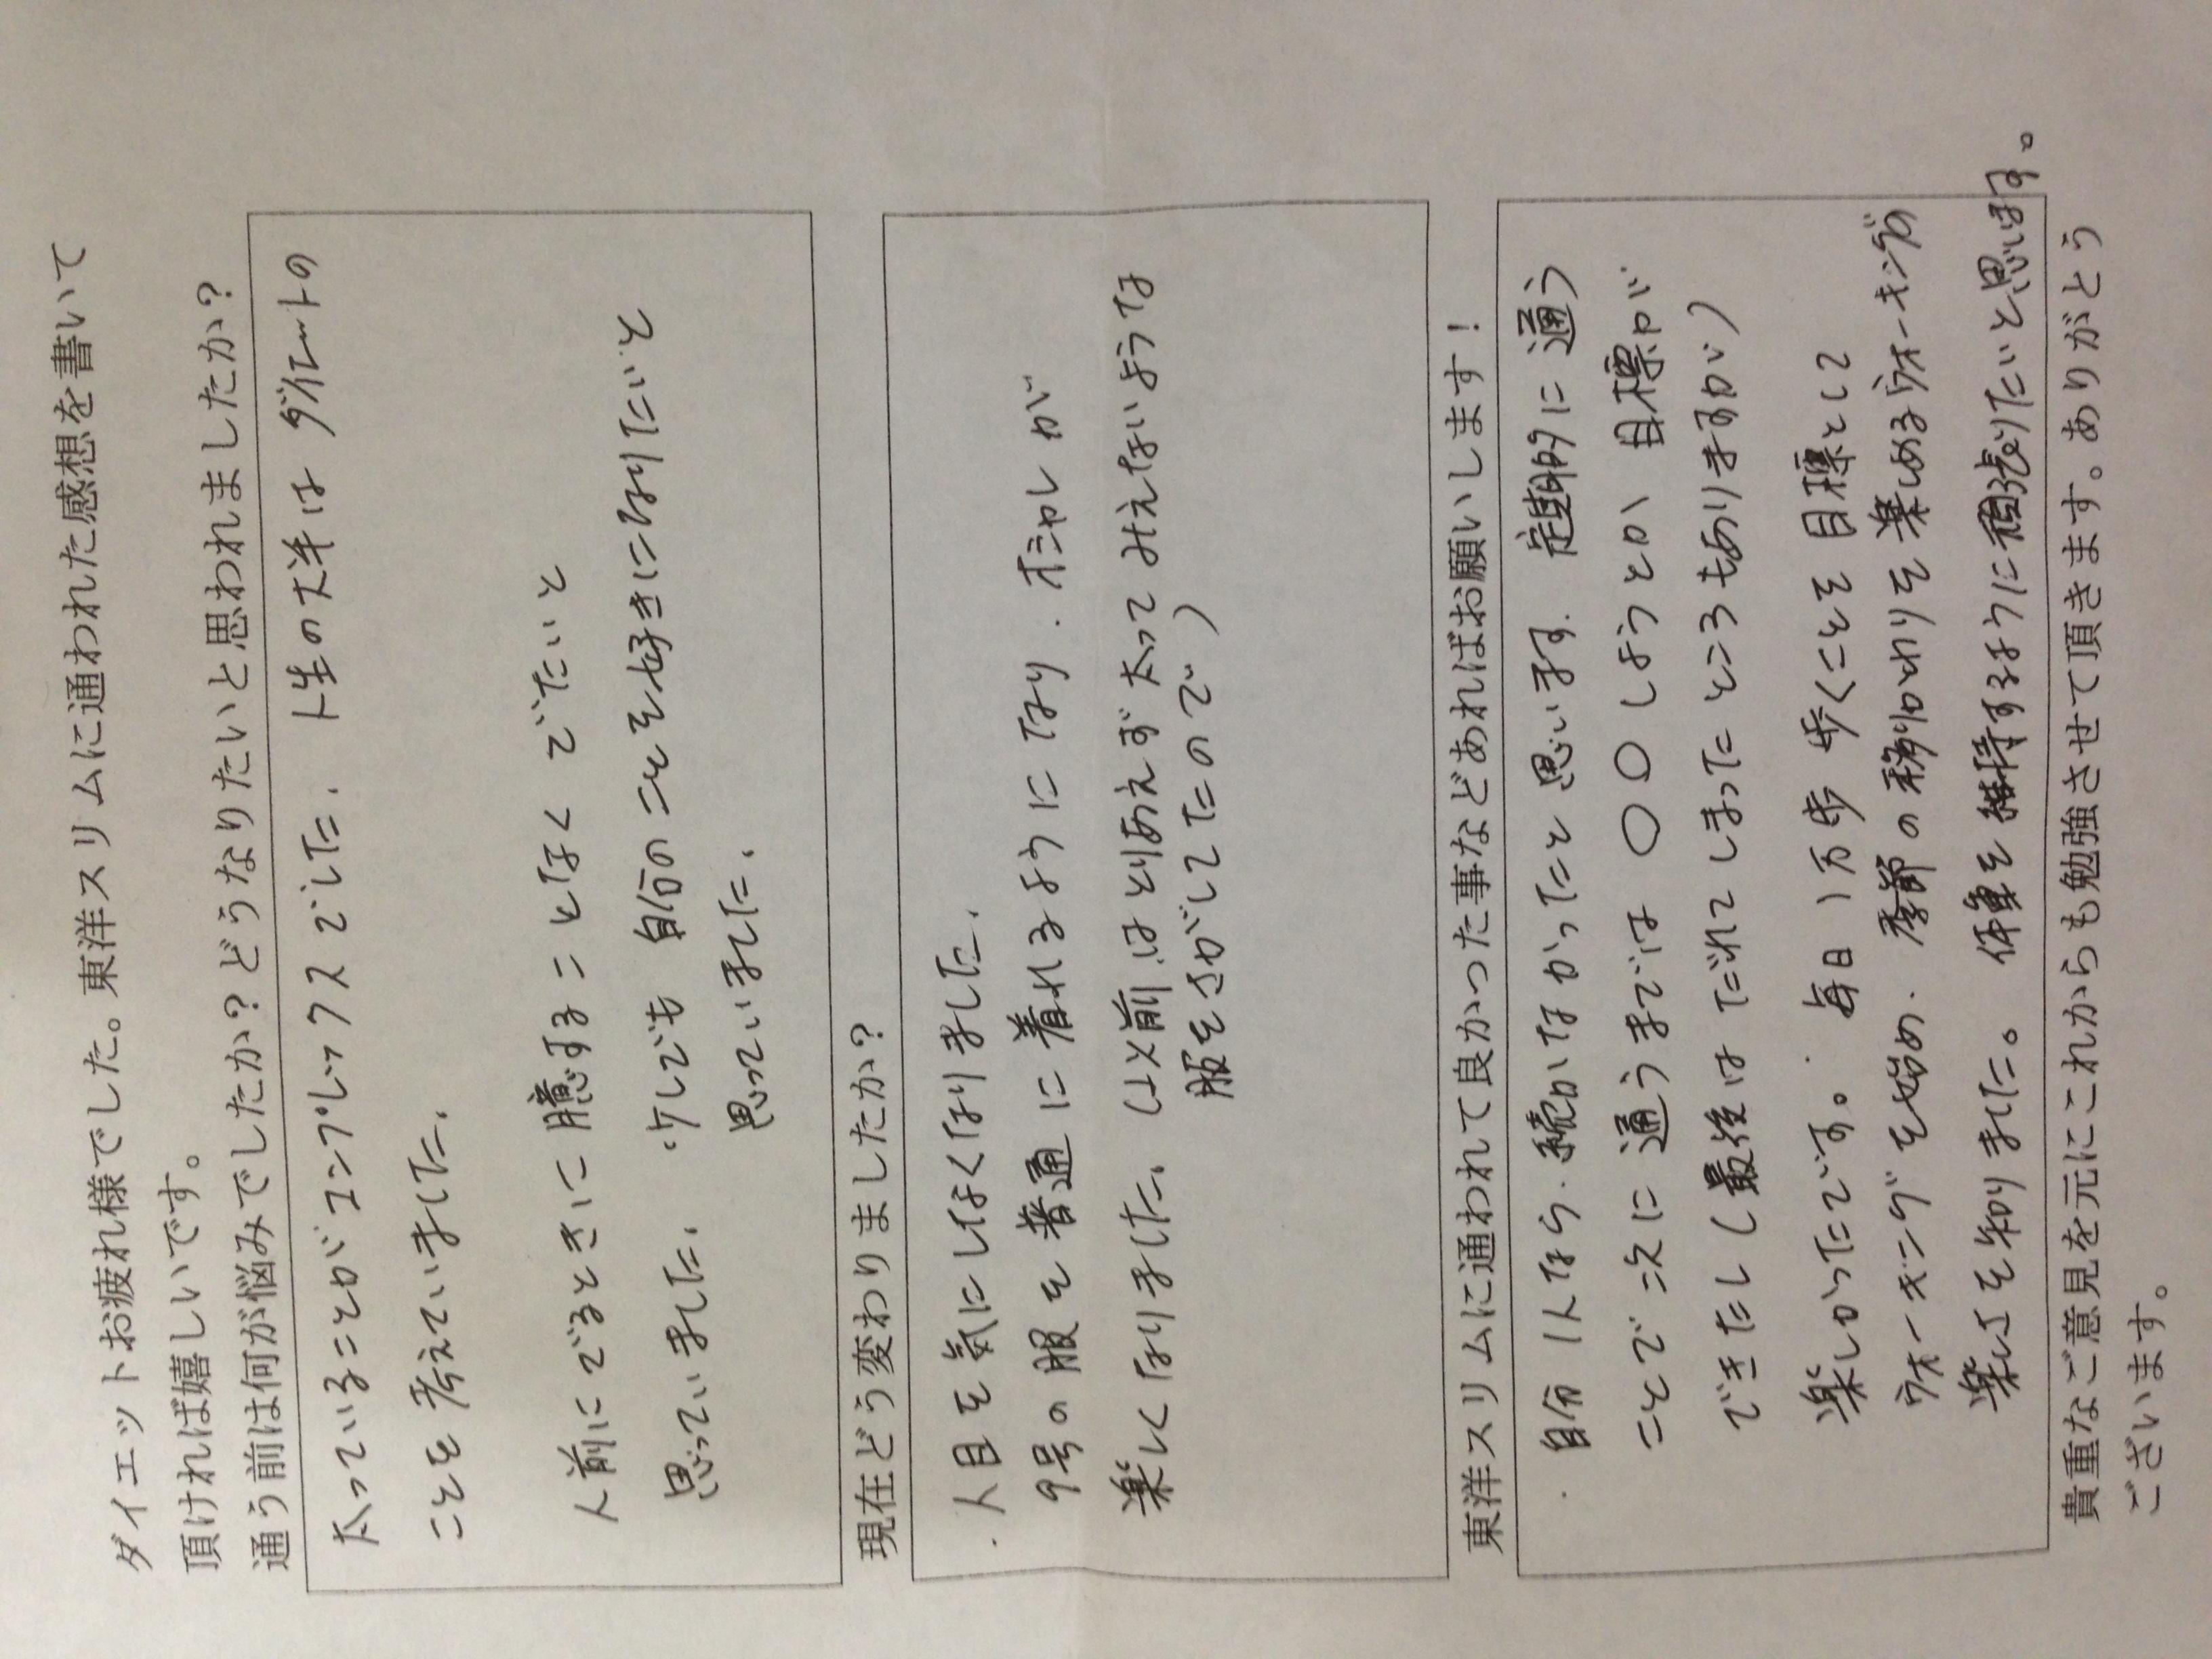 大阪市平野区Nさん(55才)耳つぼダイエットでー8.8kgダイエット成功!「9号の服が入るようになり、オシャレが楽しくなりました。」